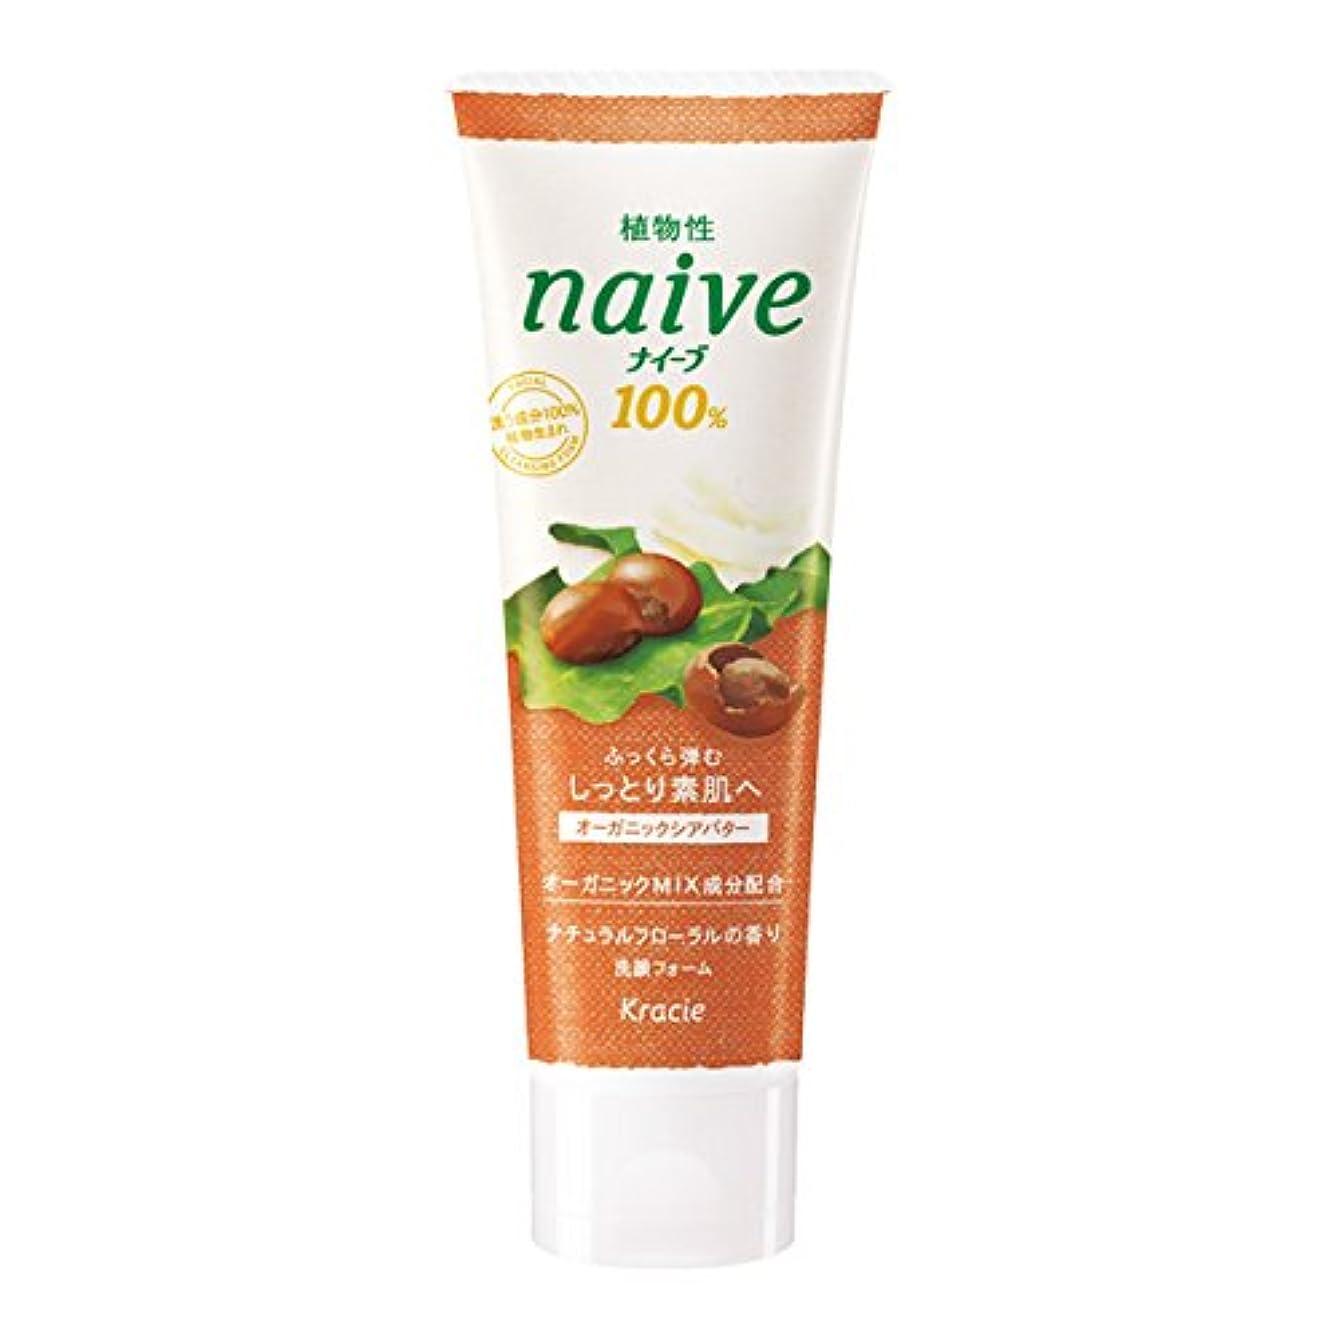 言い換えると考慮原告ナイーブ 洗顔フォーム シアバター配合 ナチュラルフローラルの香り 110g